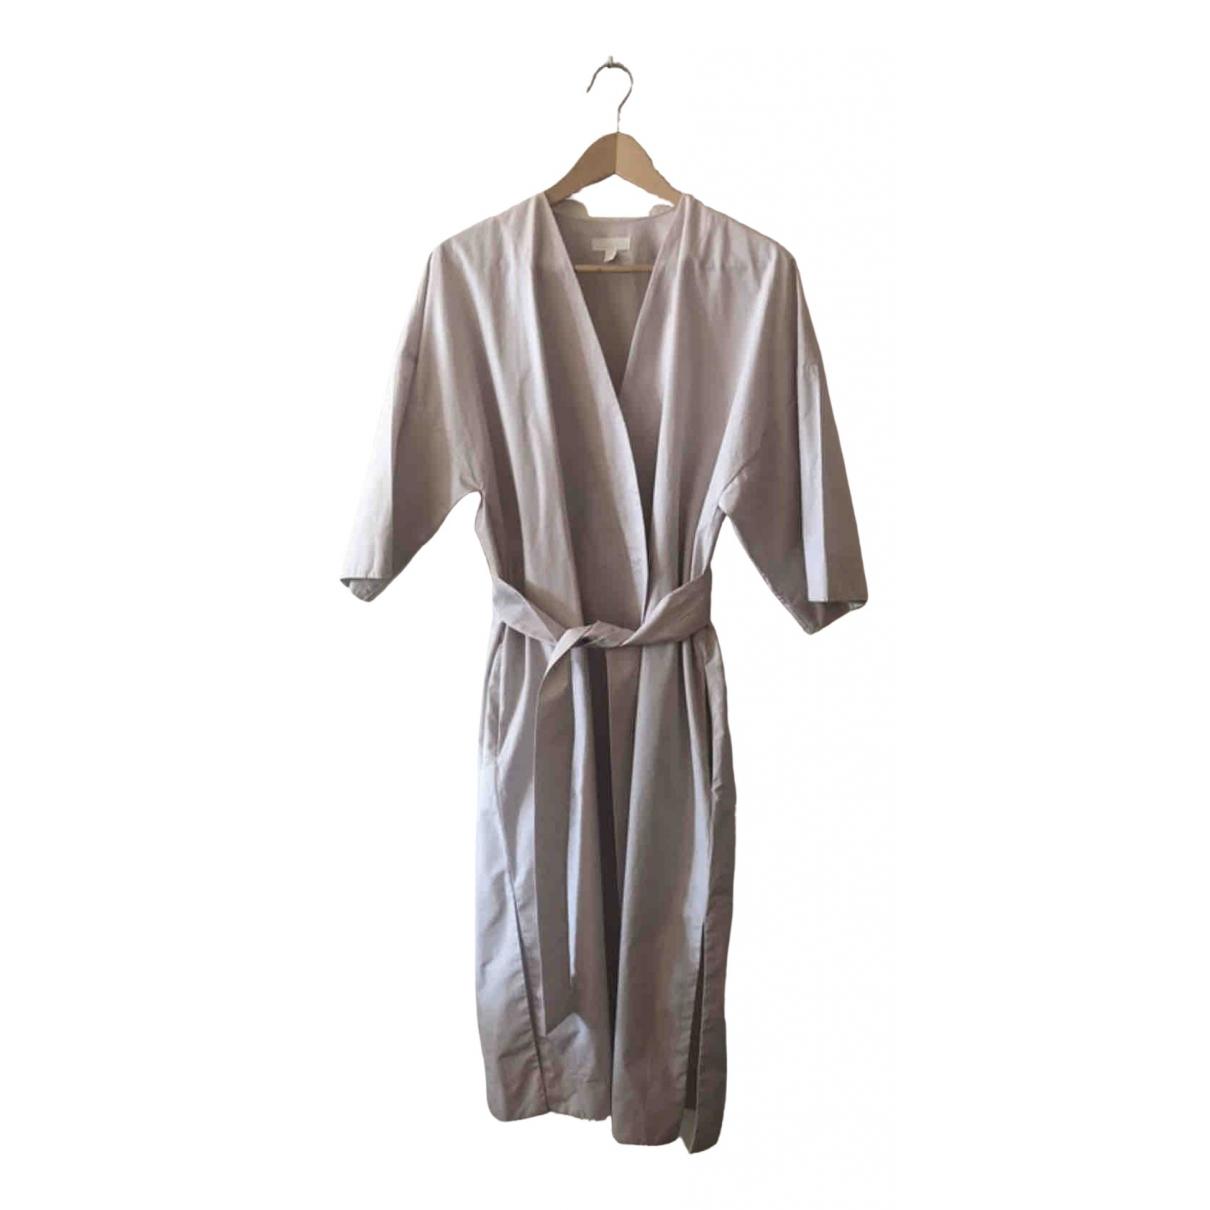 Cos \N Beige Cotton dress for Women 34 FR